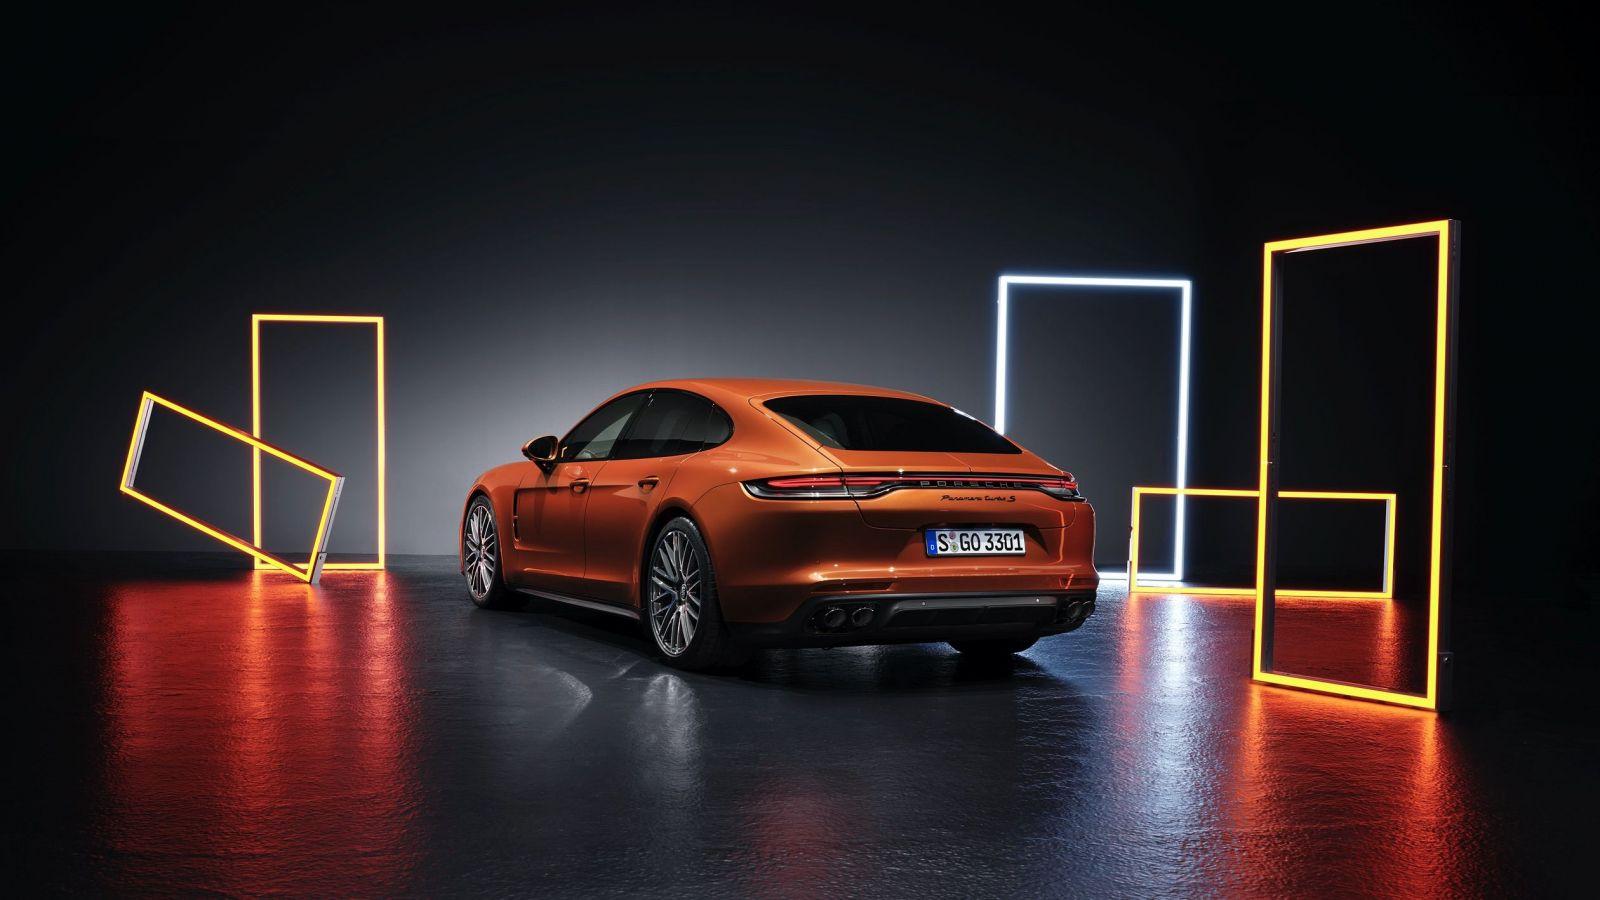 Porsche hlási návrt k tradíciám. Najvýkonnejšia Panamera už nie je plug-in hybrid, má však až 630 koní